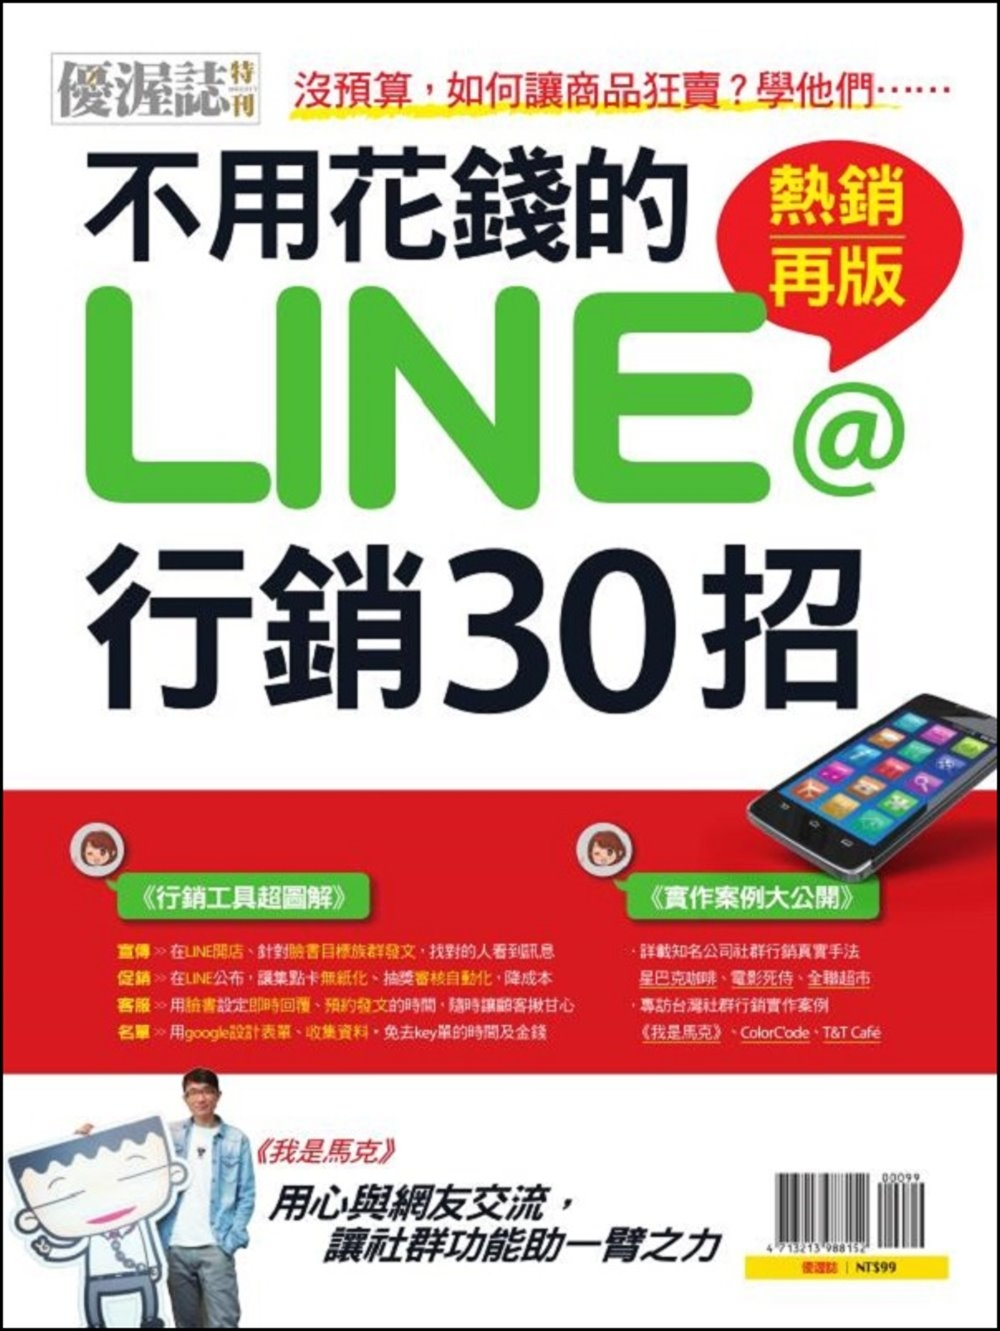 優渥誌 :不用花錢的LINE@行銷30招-熱銷再版